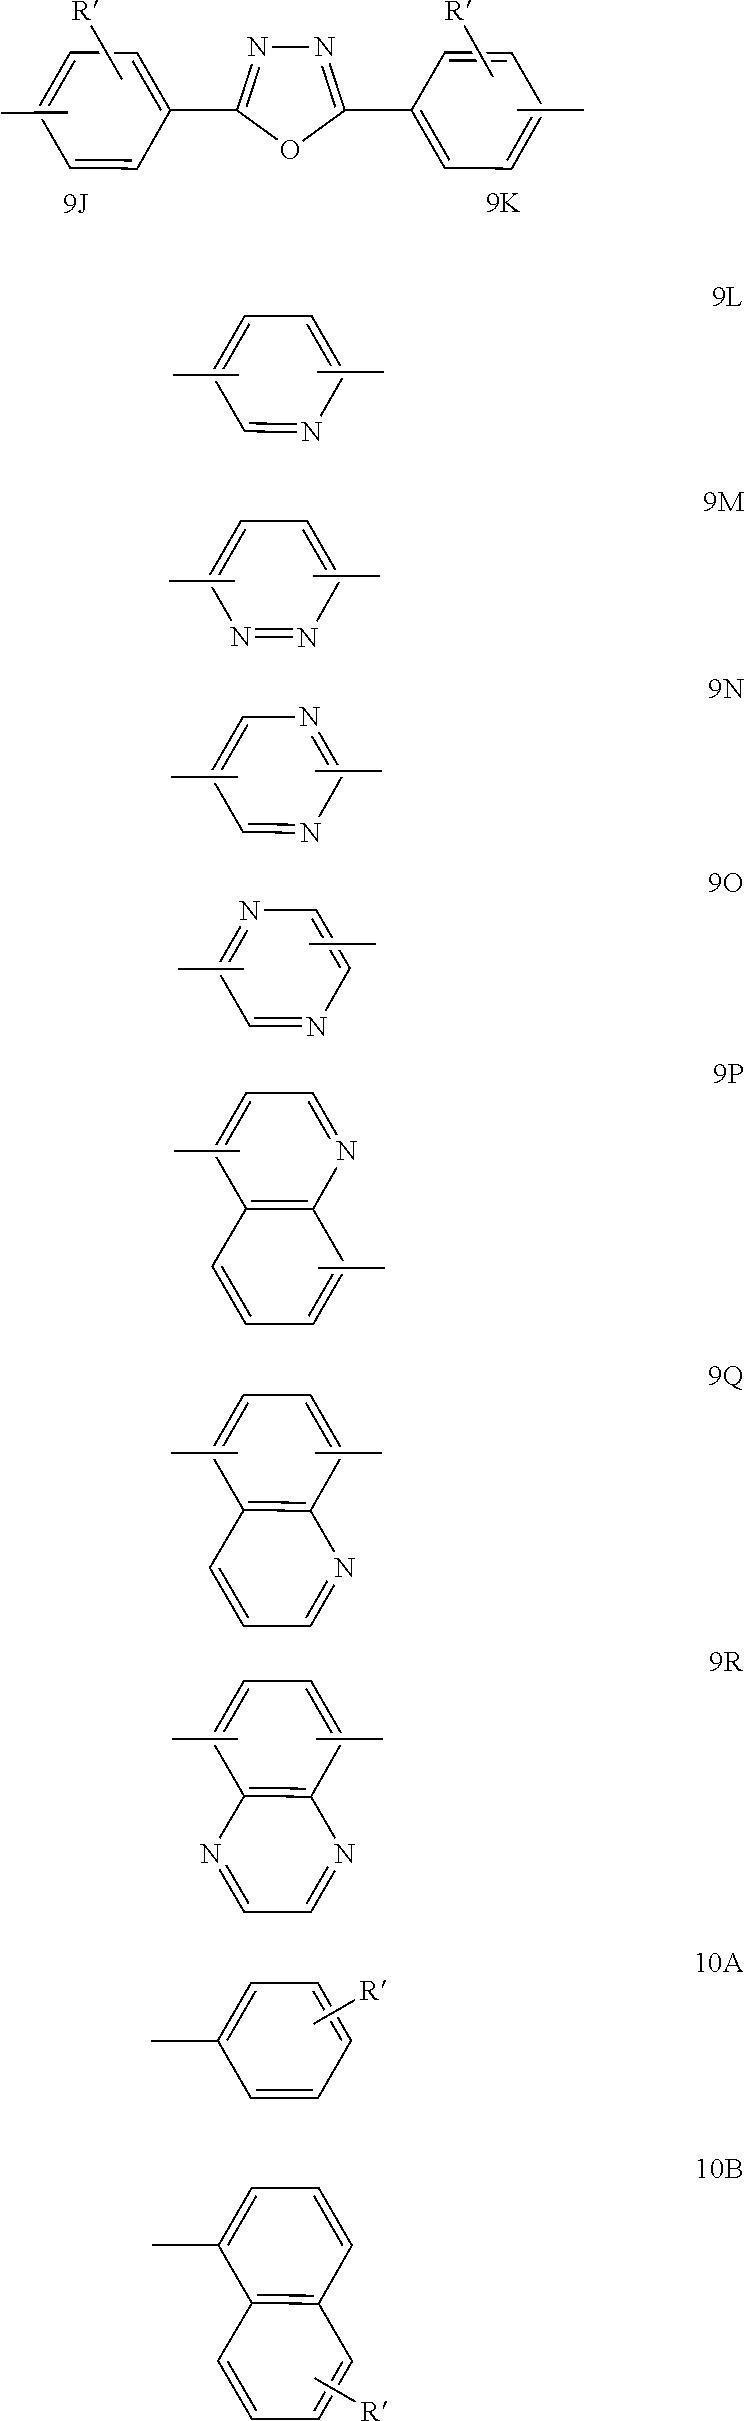 Figure US07875367-20110125-C00074